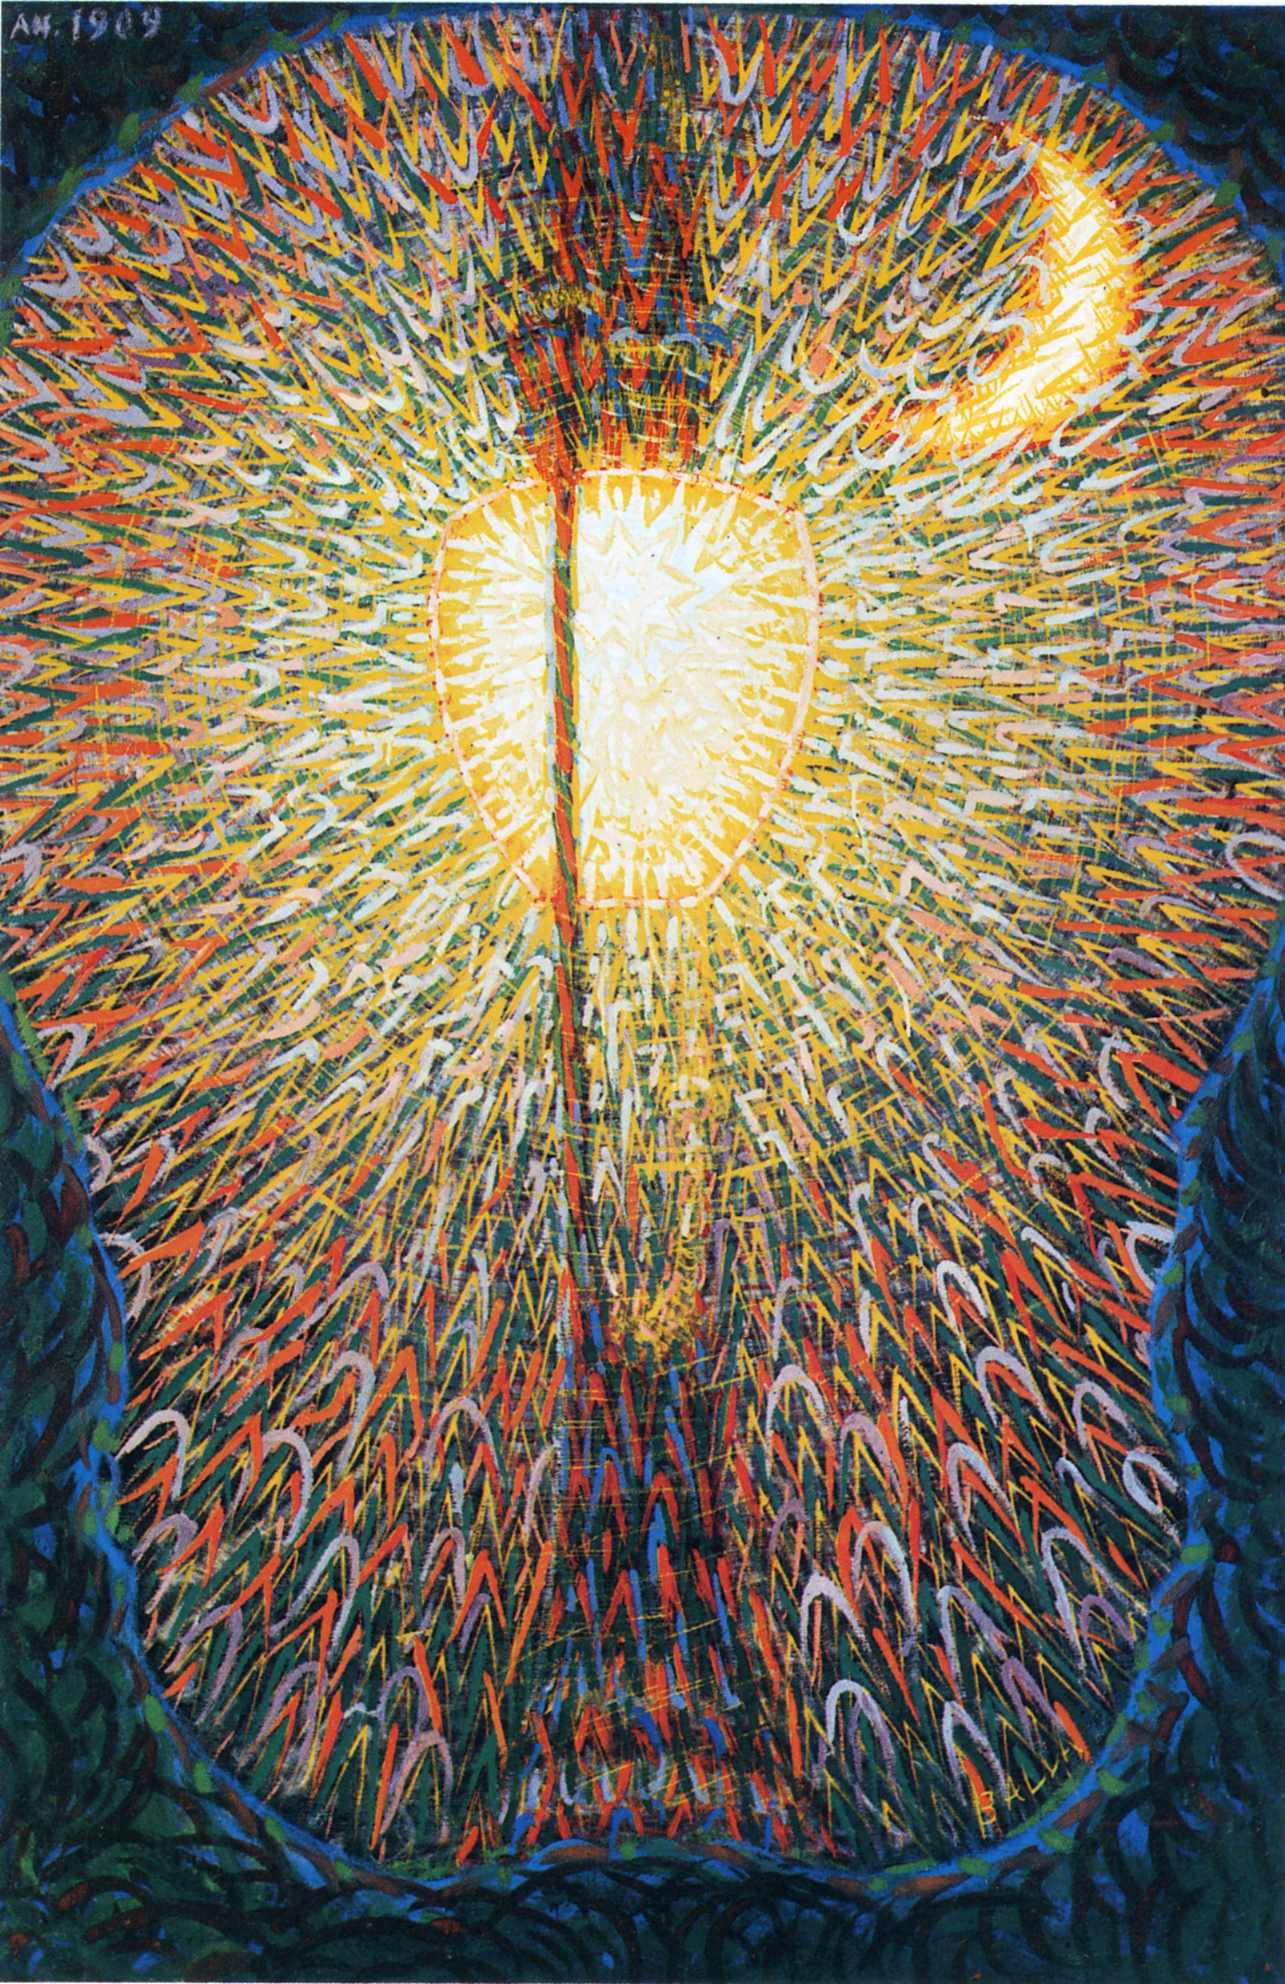 Art of the day giacomo balla street light - Ballas de obra ...